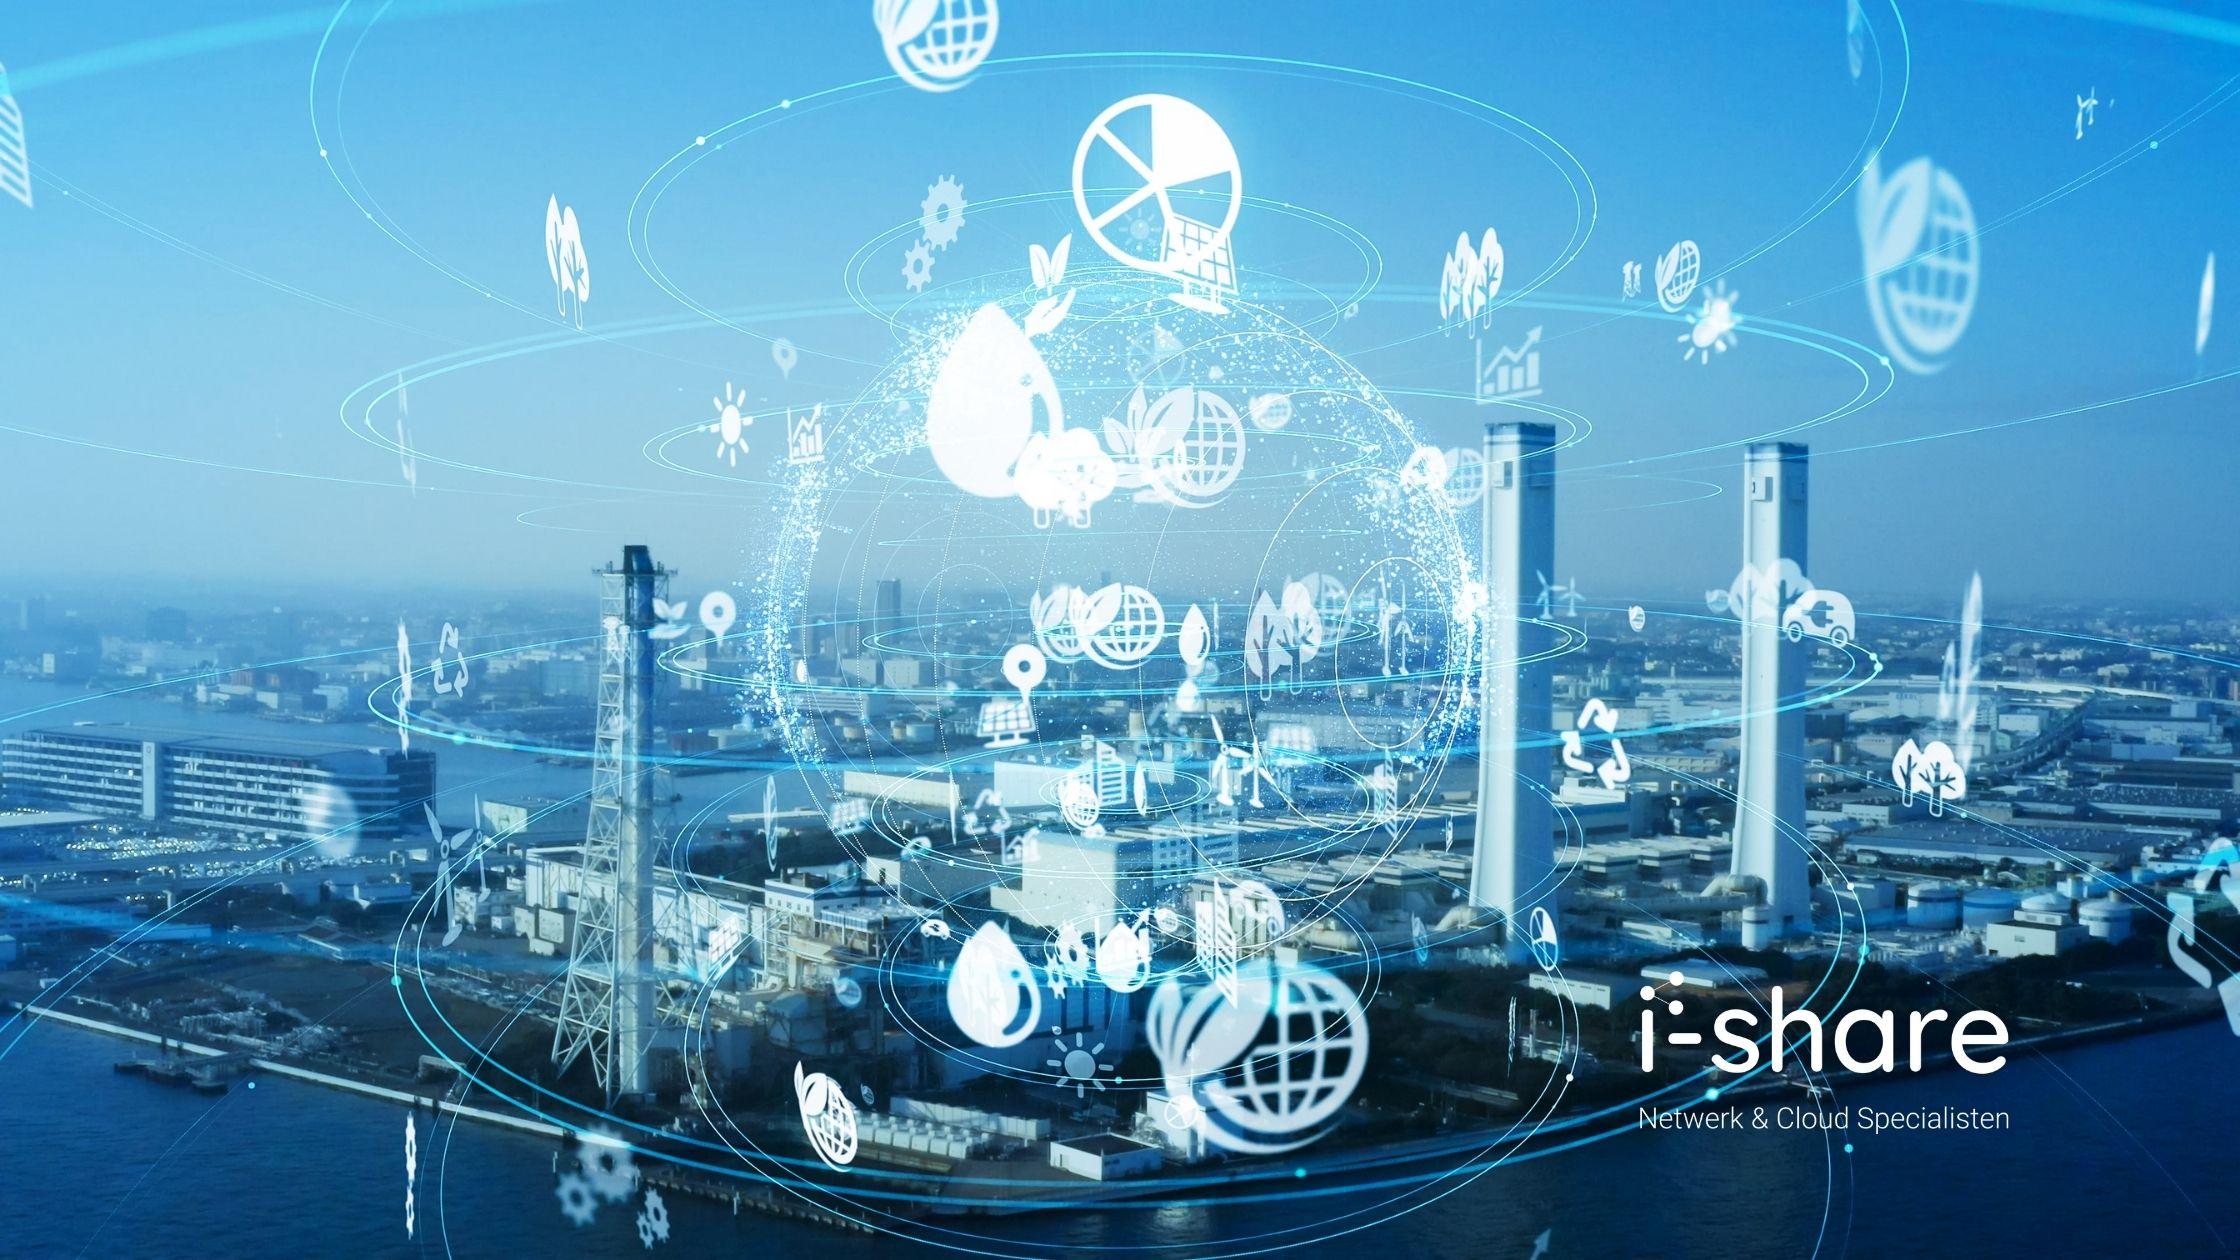 De voor-en nadelen van Network Automation: Peter vertelt